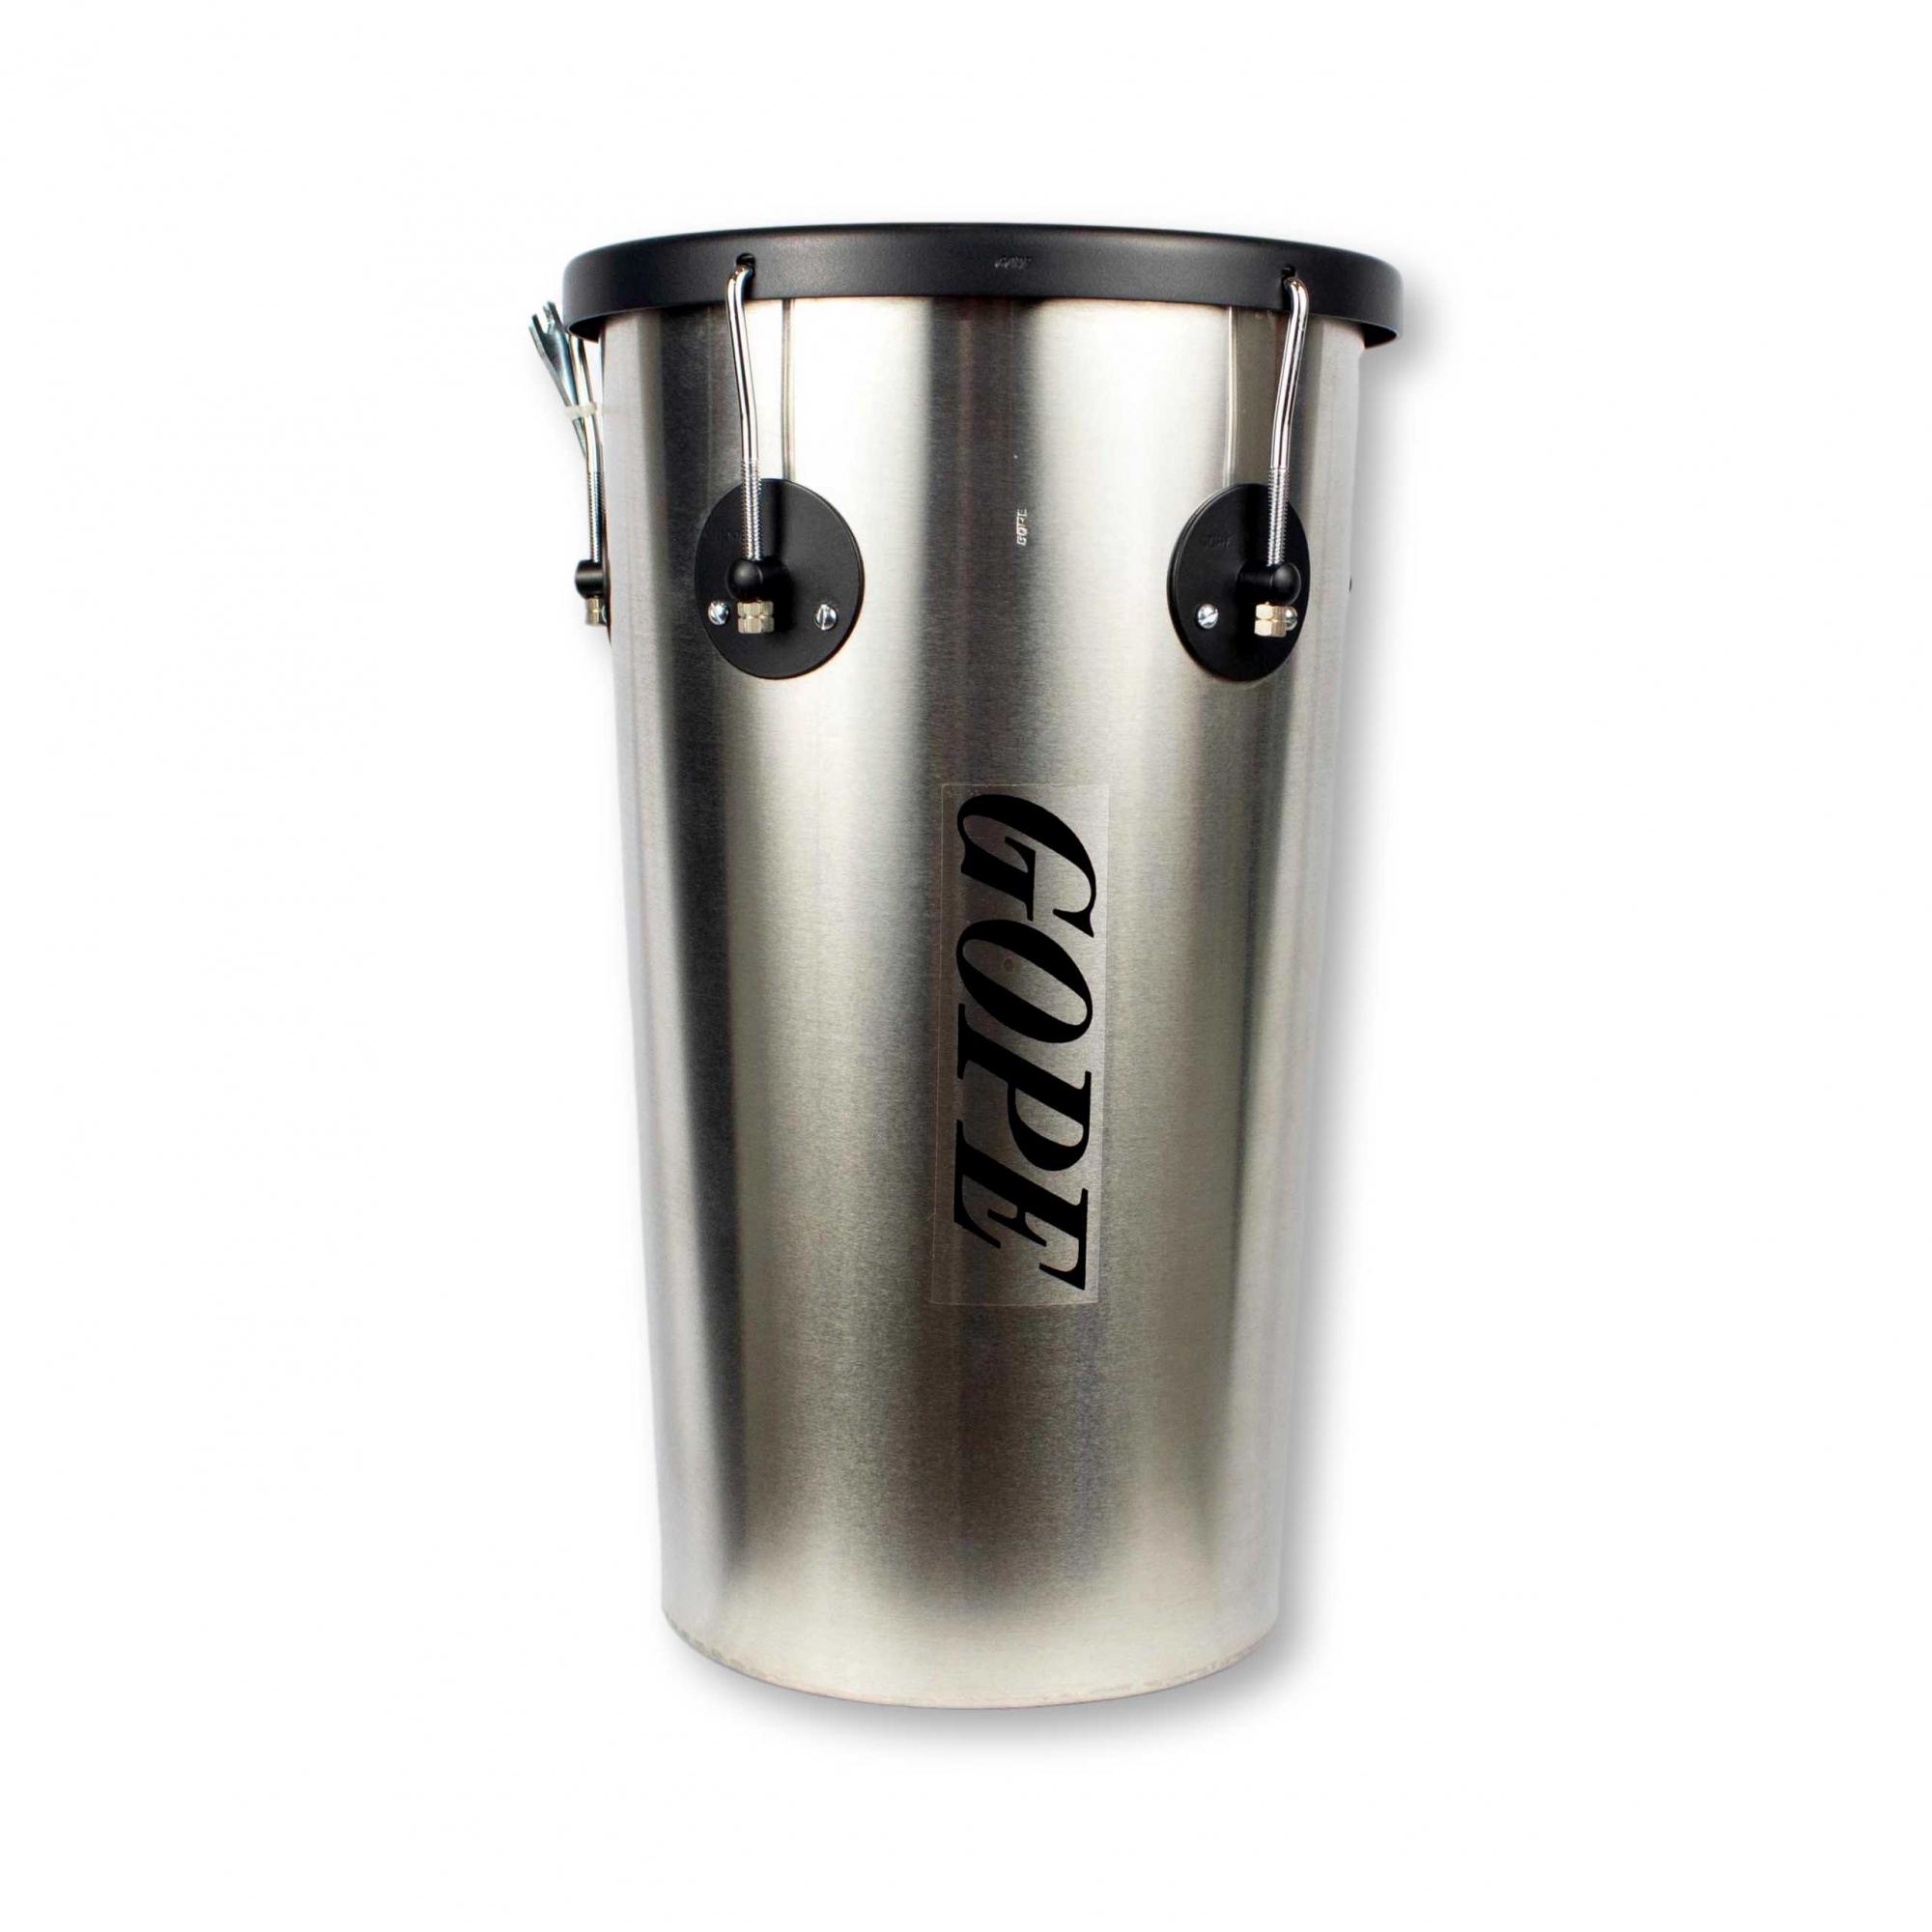 Rebolo Tantan Gope 10 pol 45 cm Aluminio